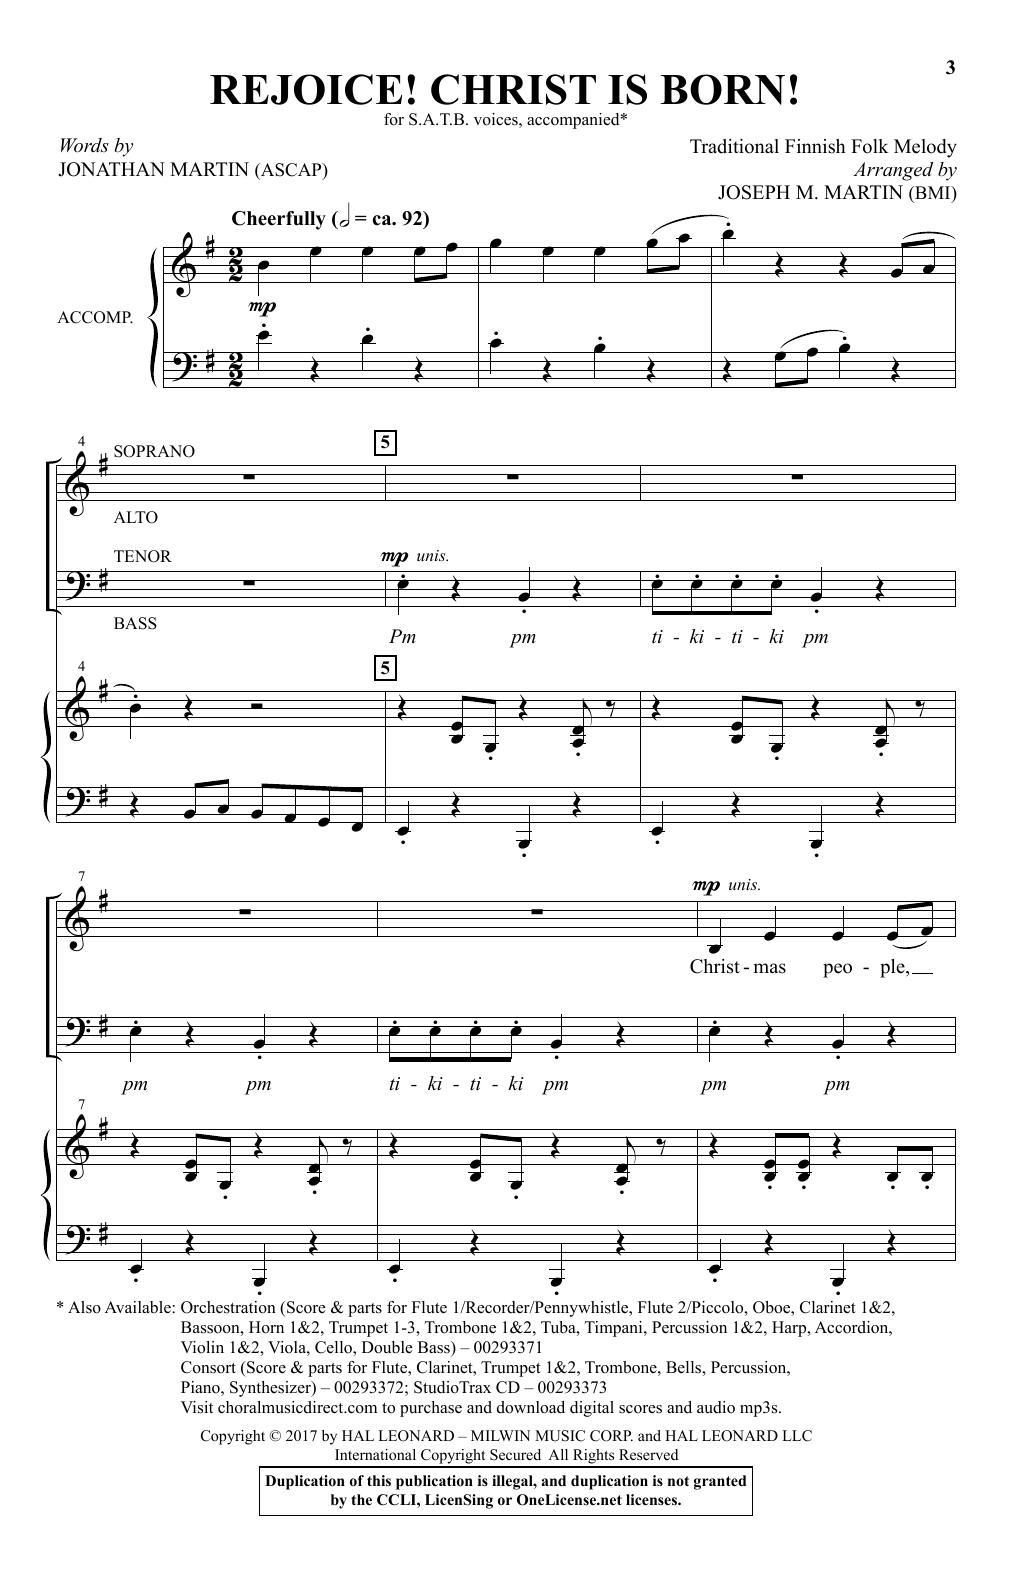 Rejoice! Christ Is Born! (SATB Choir)